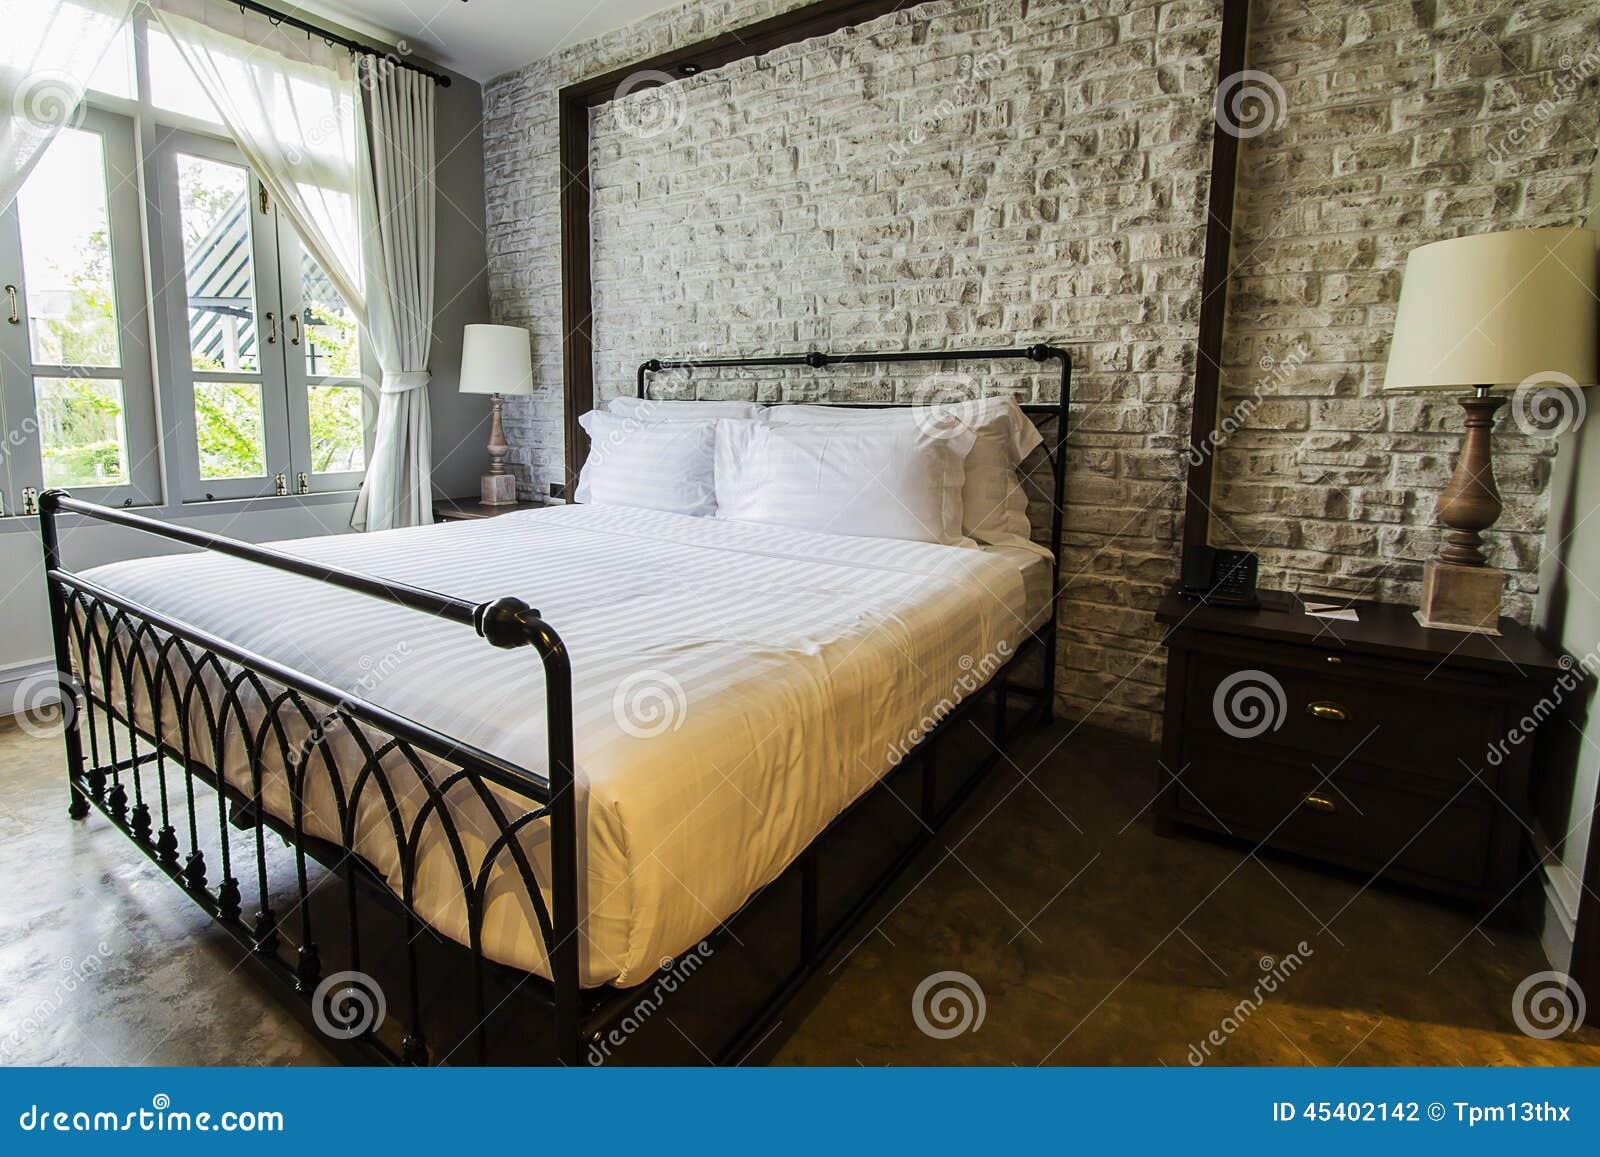 ... Schlafzimmer Englisch Einrichten By Schlafzimmer Englisch Bedroom  Vokabeln Zum Schlafzimmer ...